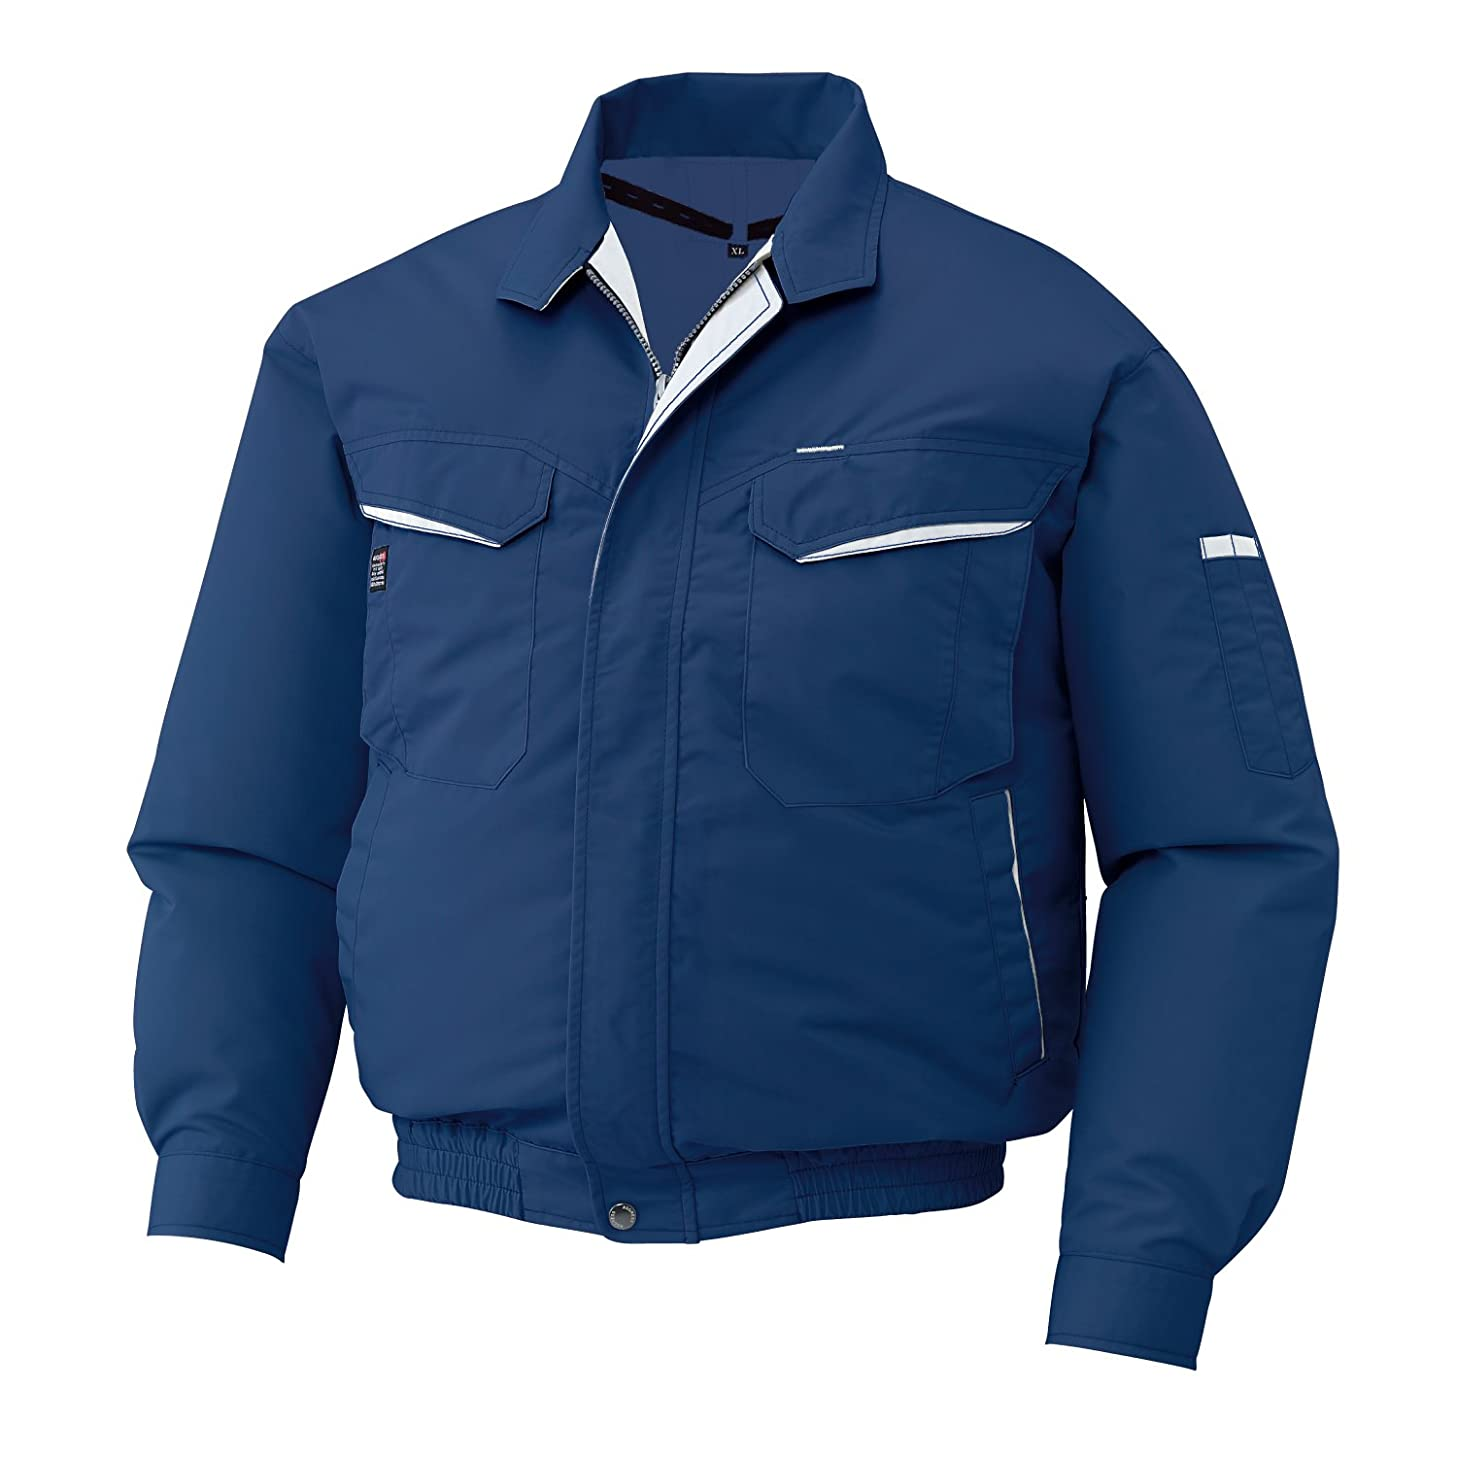 反論シーフード少なくともサンエス 空調服 空調風神服 長袖ワークブルゾン 服のみ KU90470